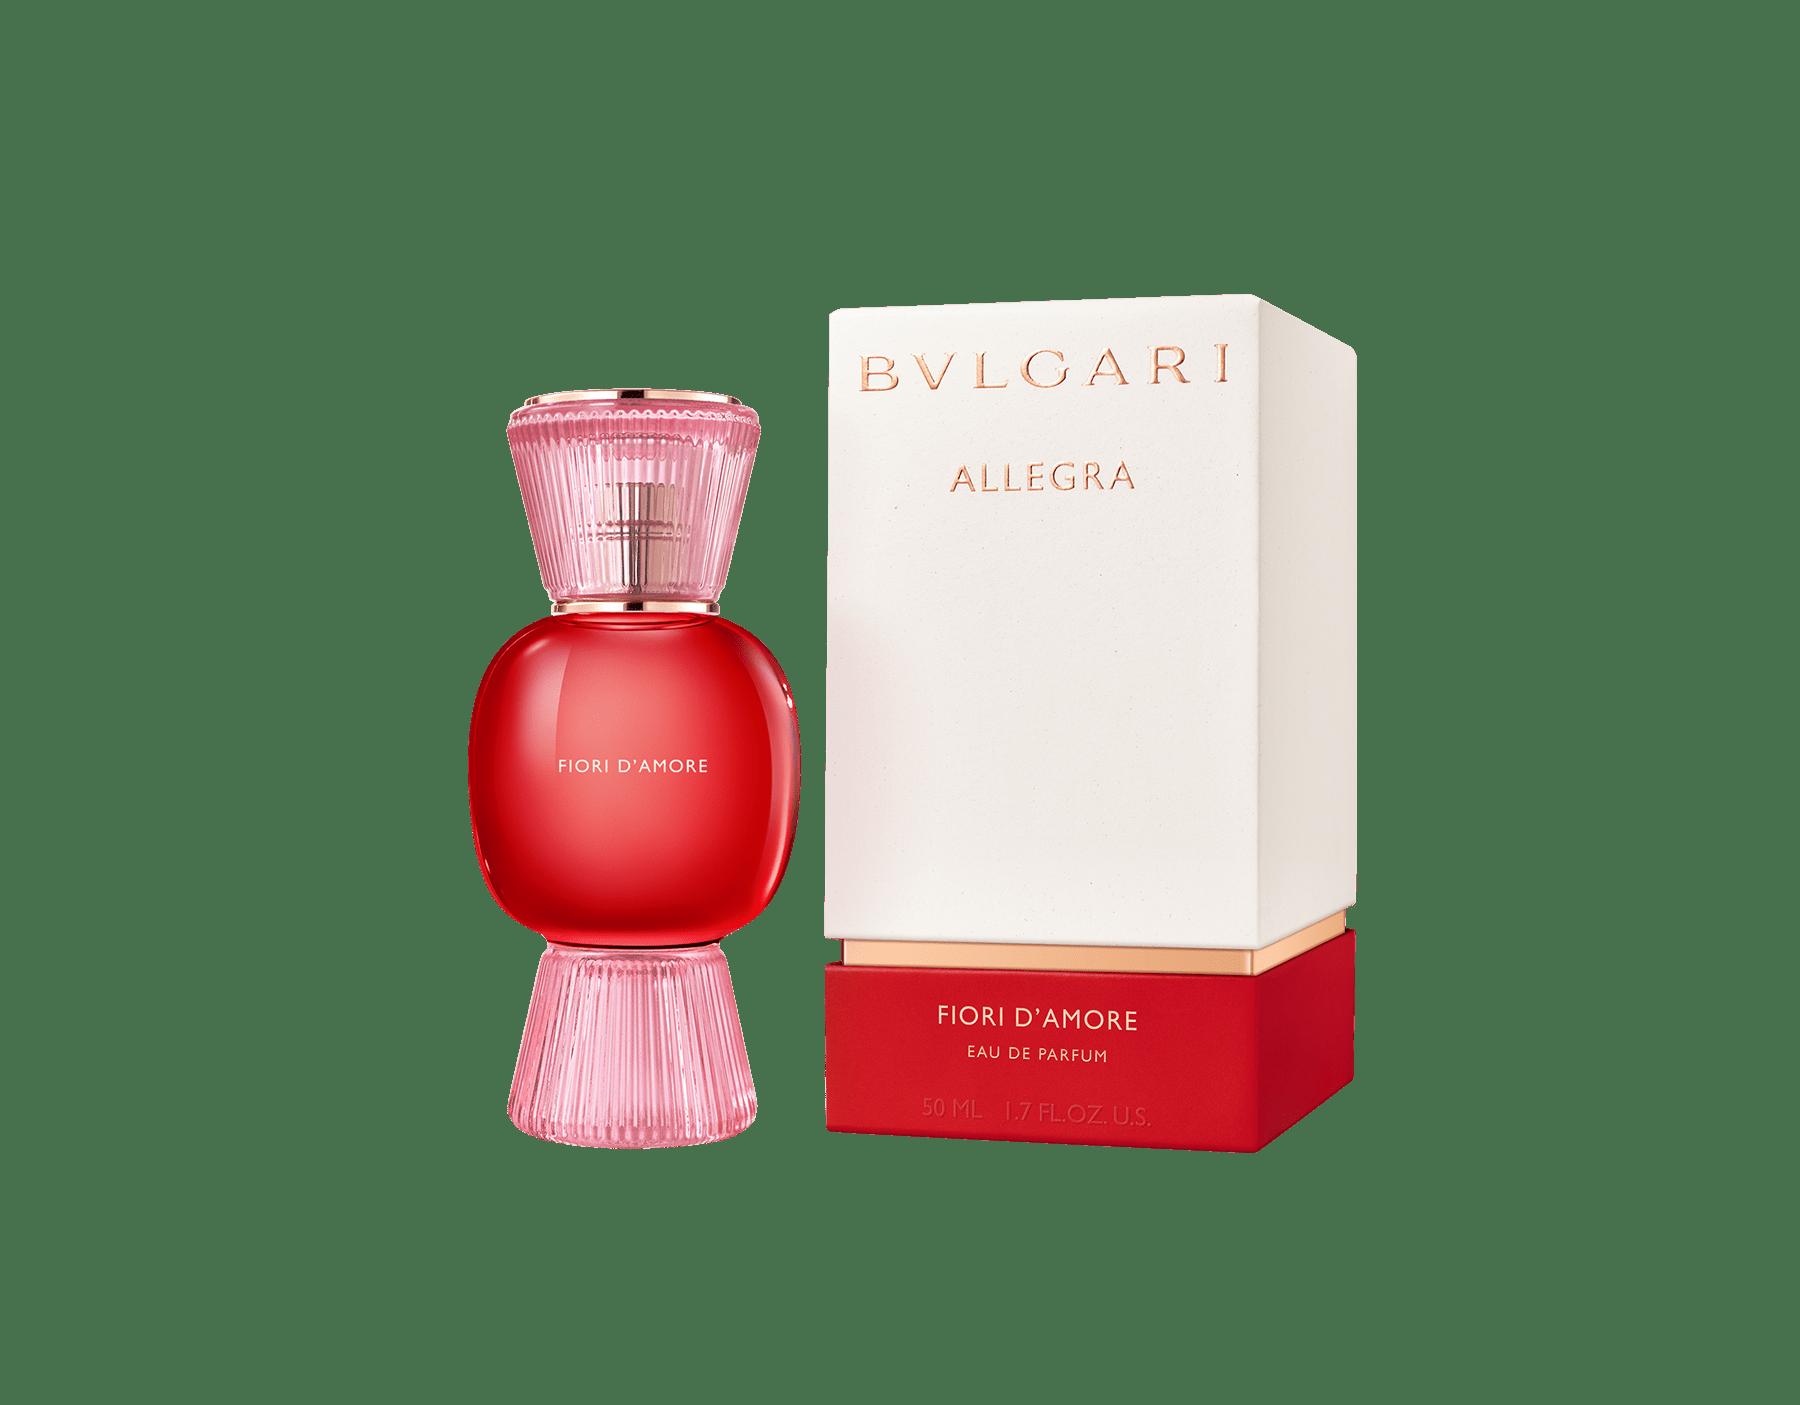 """""""Fresca, vellutata, fruttata. lo splendore di una rosa rossa"""" Jacques Cavallier L'emozione di un enorme bouquet di rose in una magnifica essenza floreale 41241 image 2"""